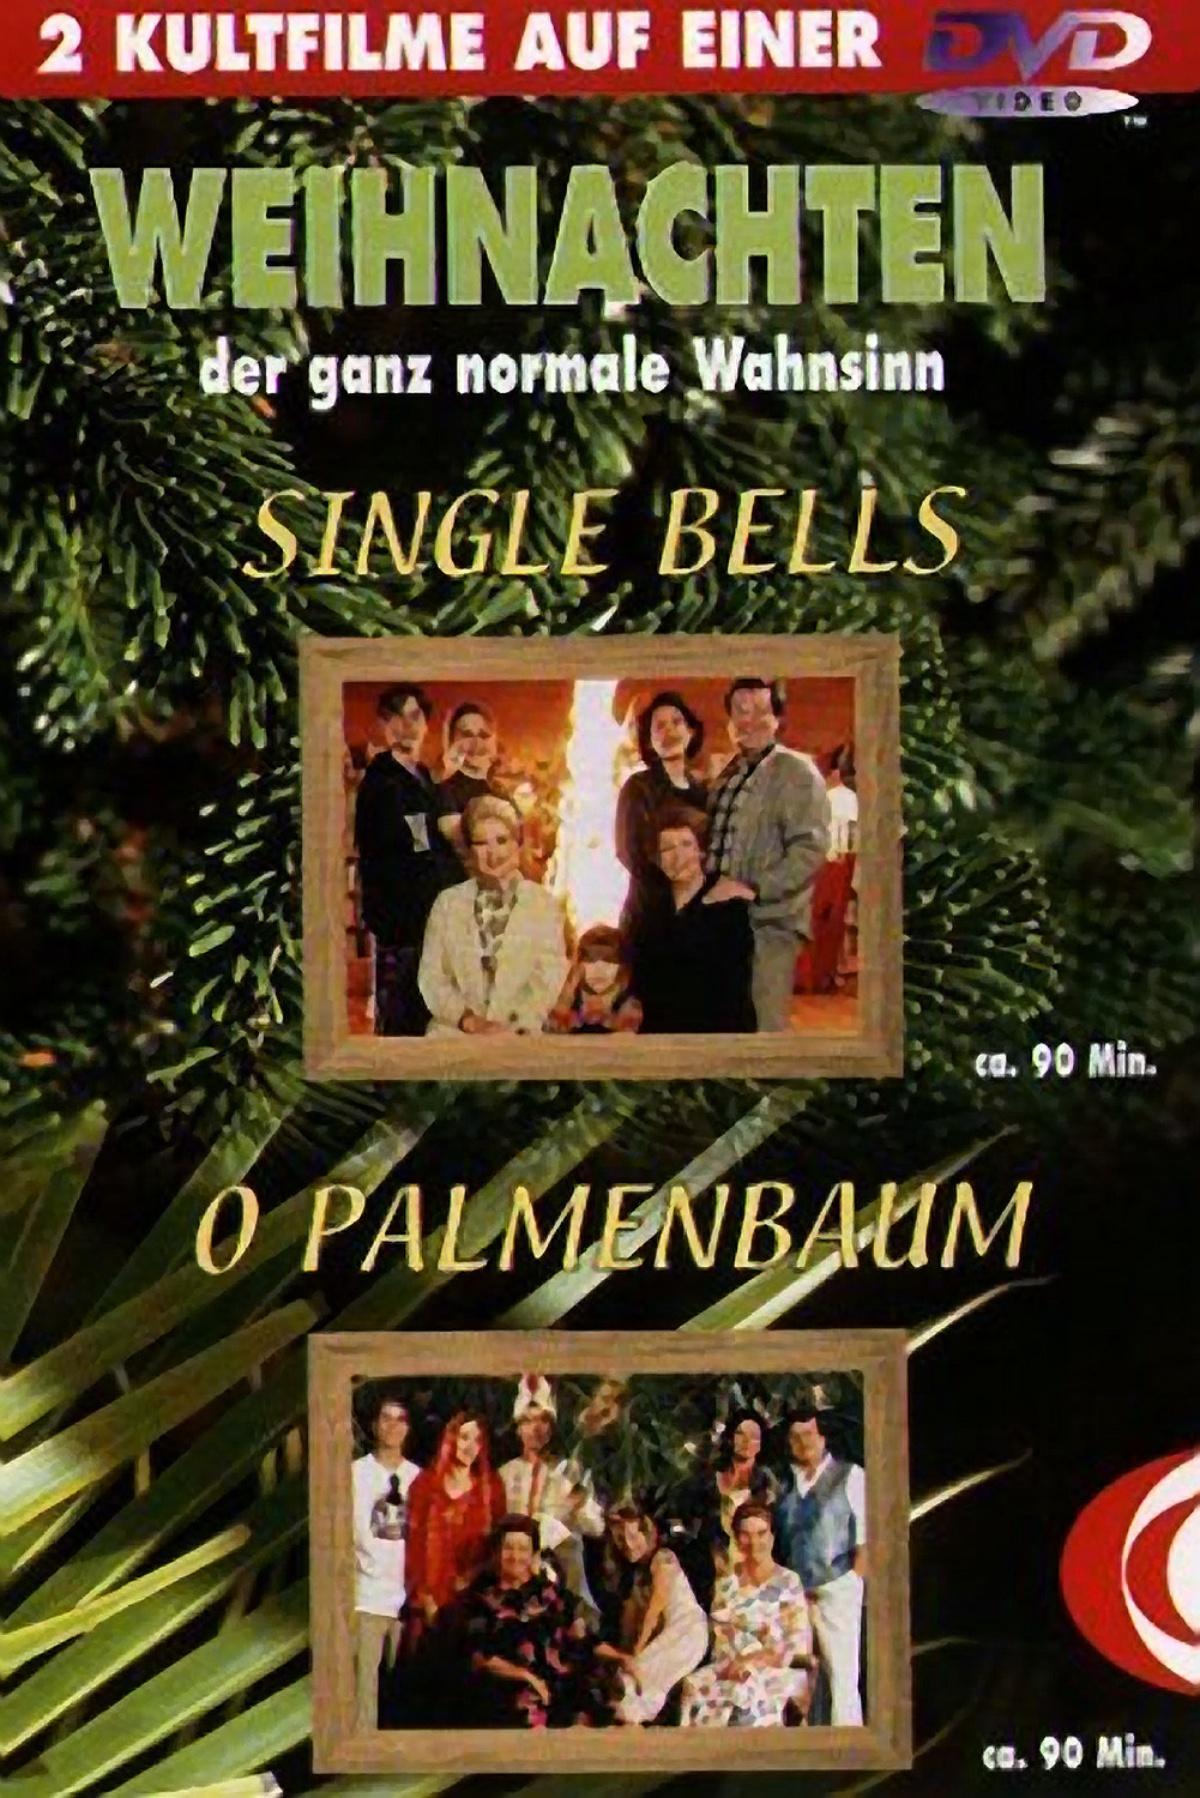 Singlebells